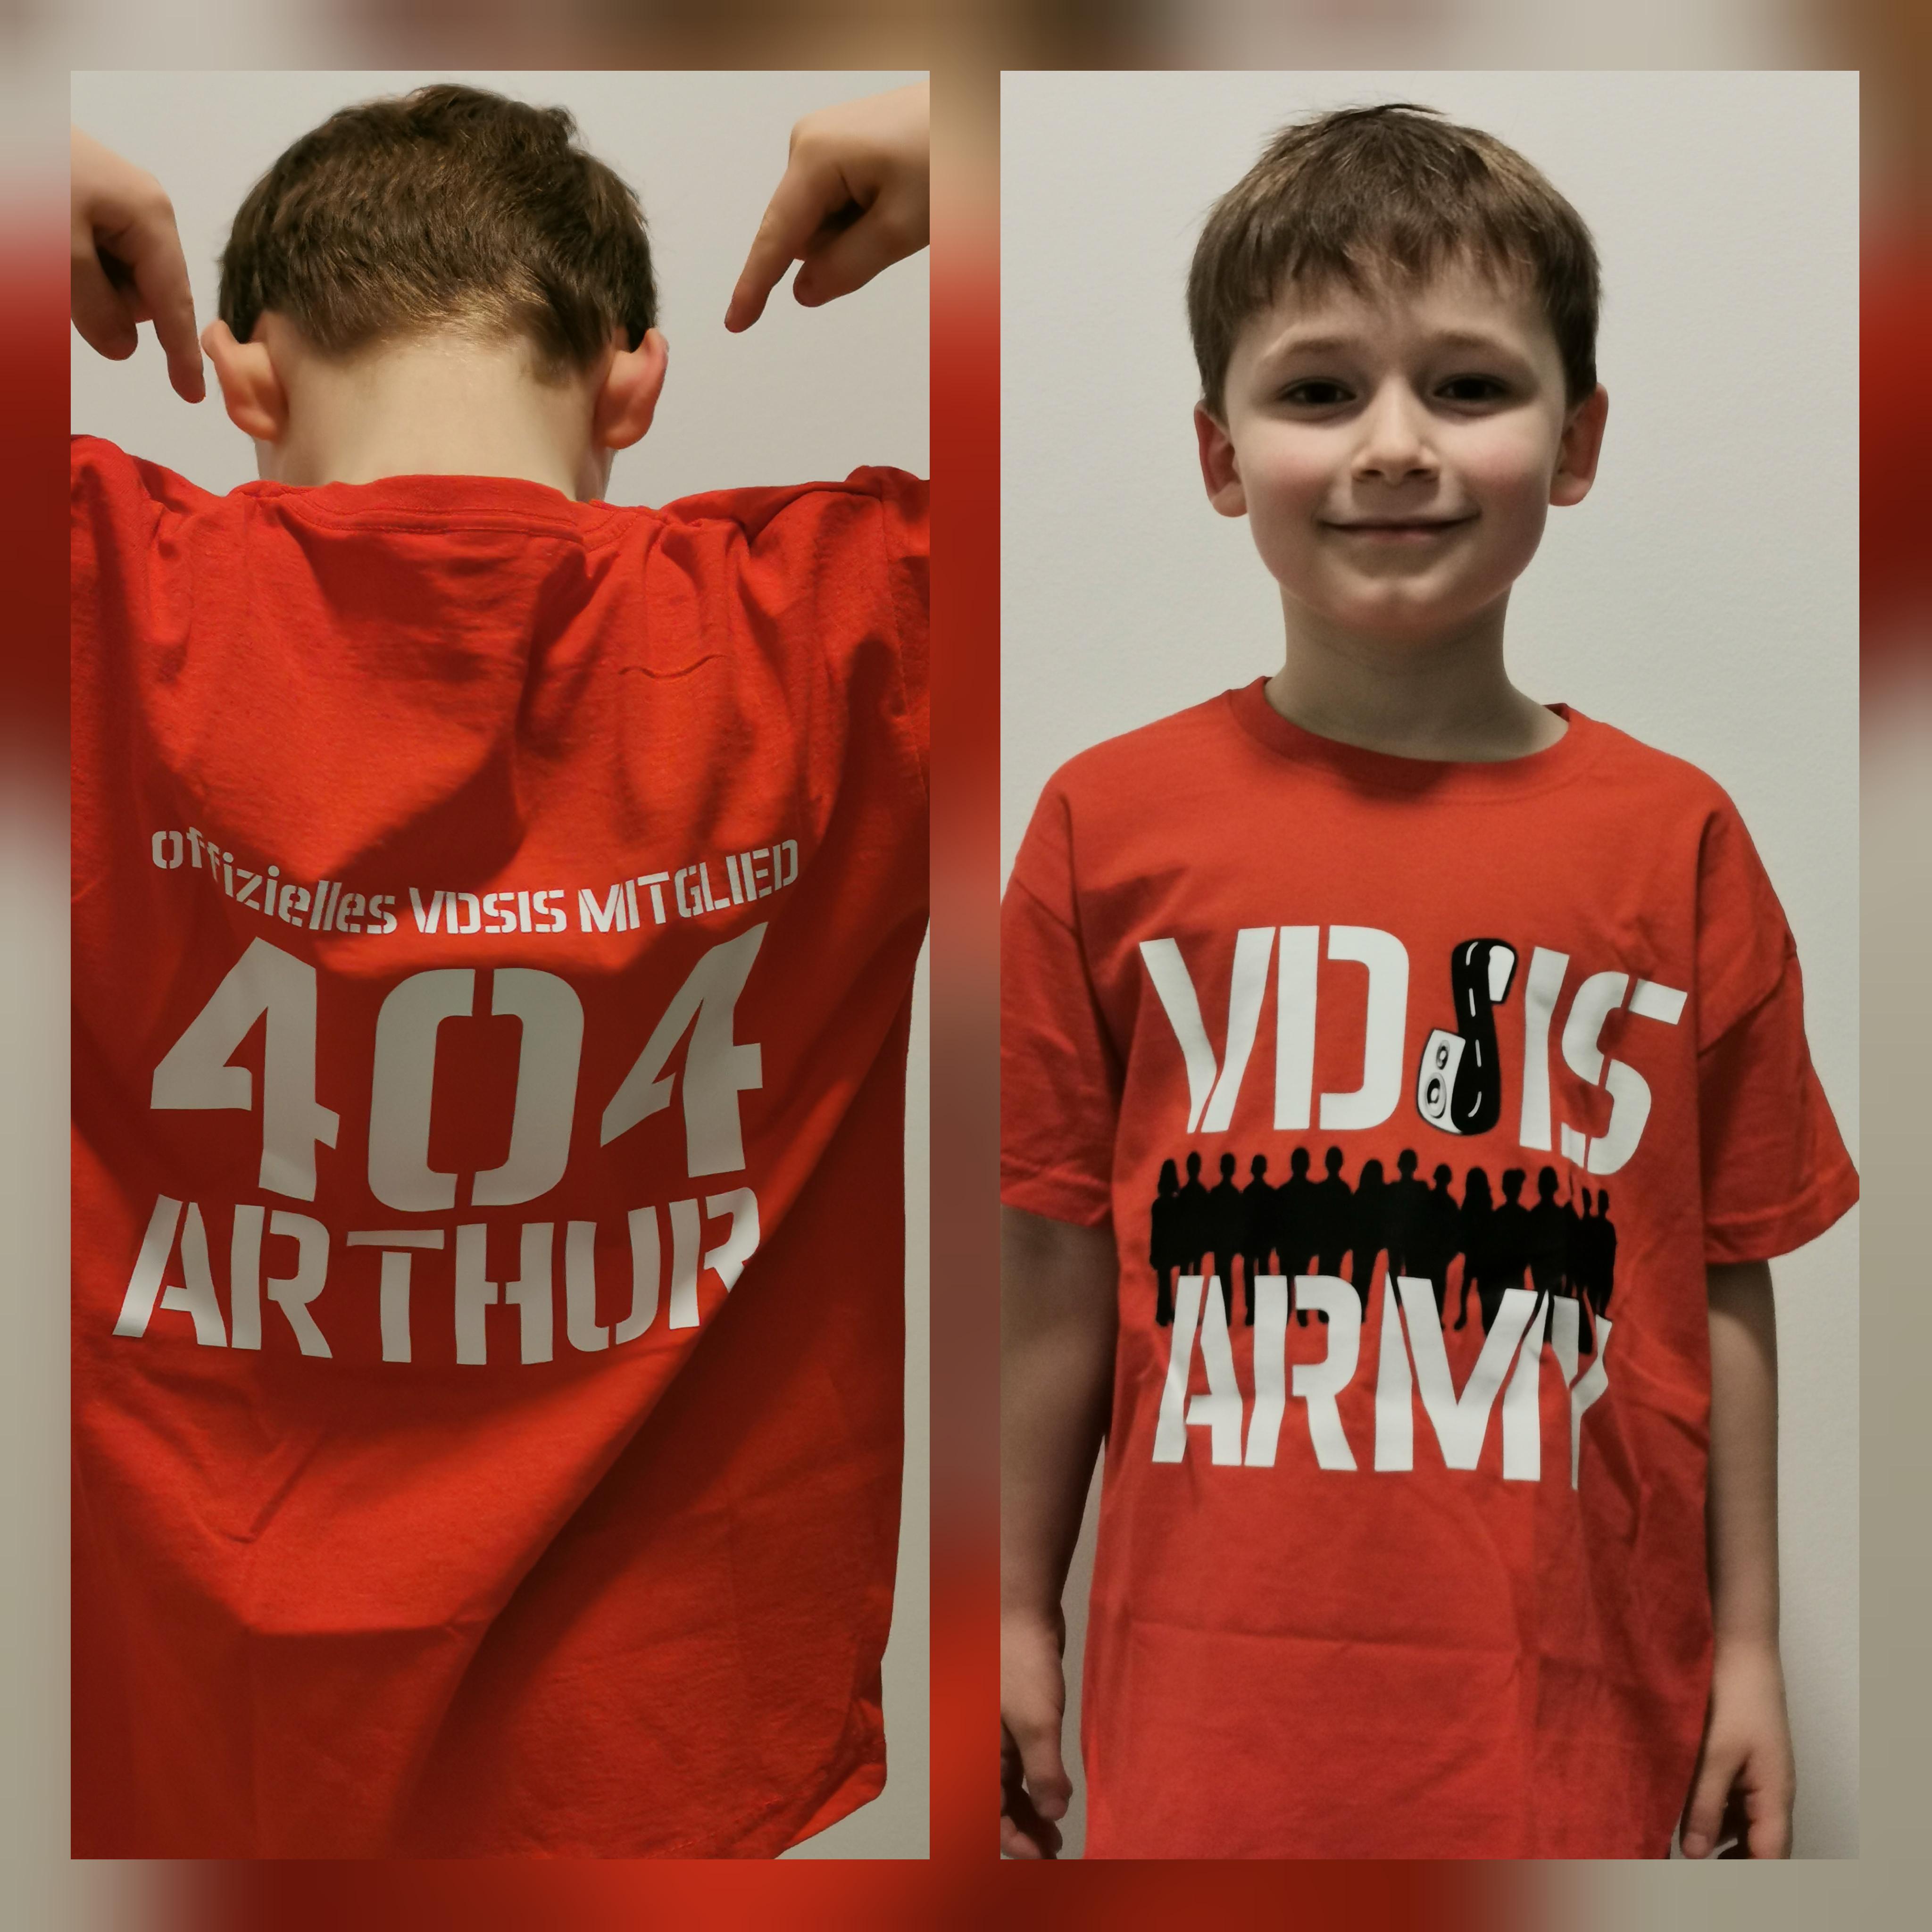 404 Arthur vdsisarmy